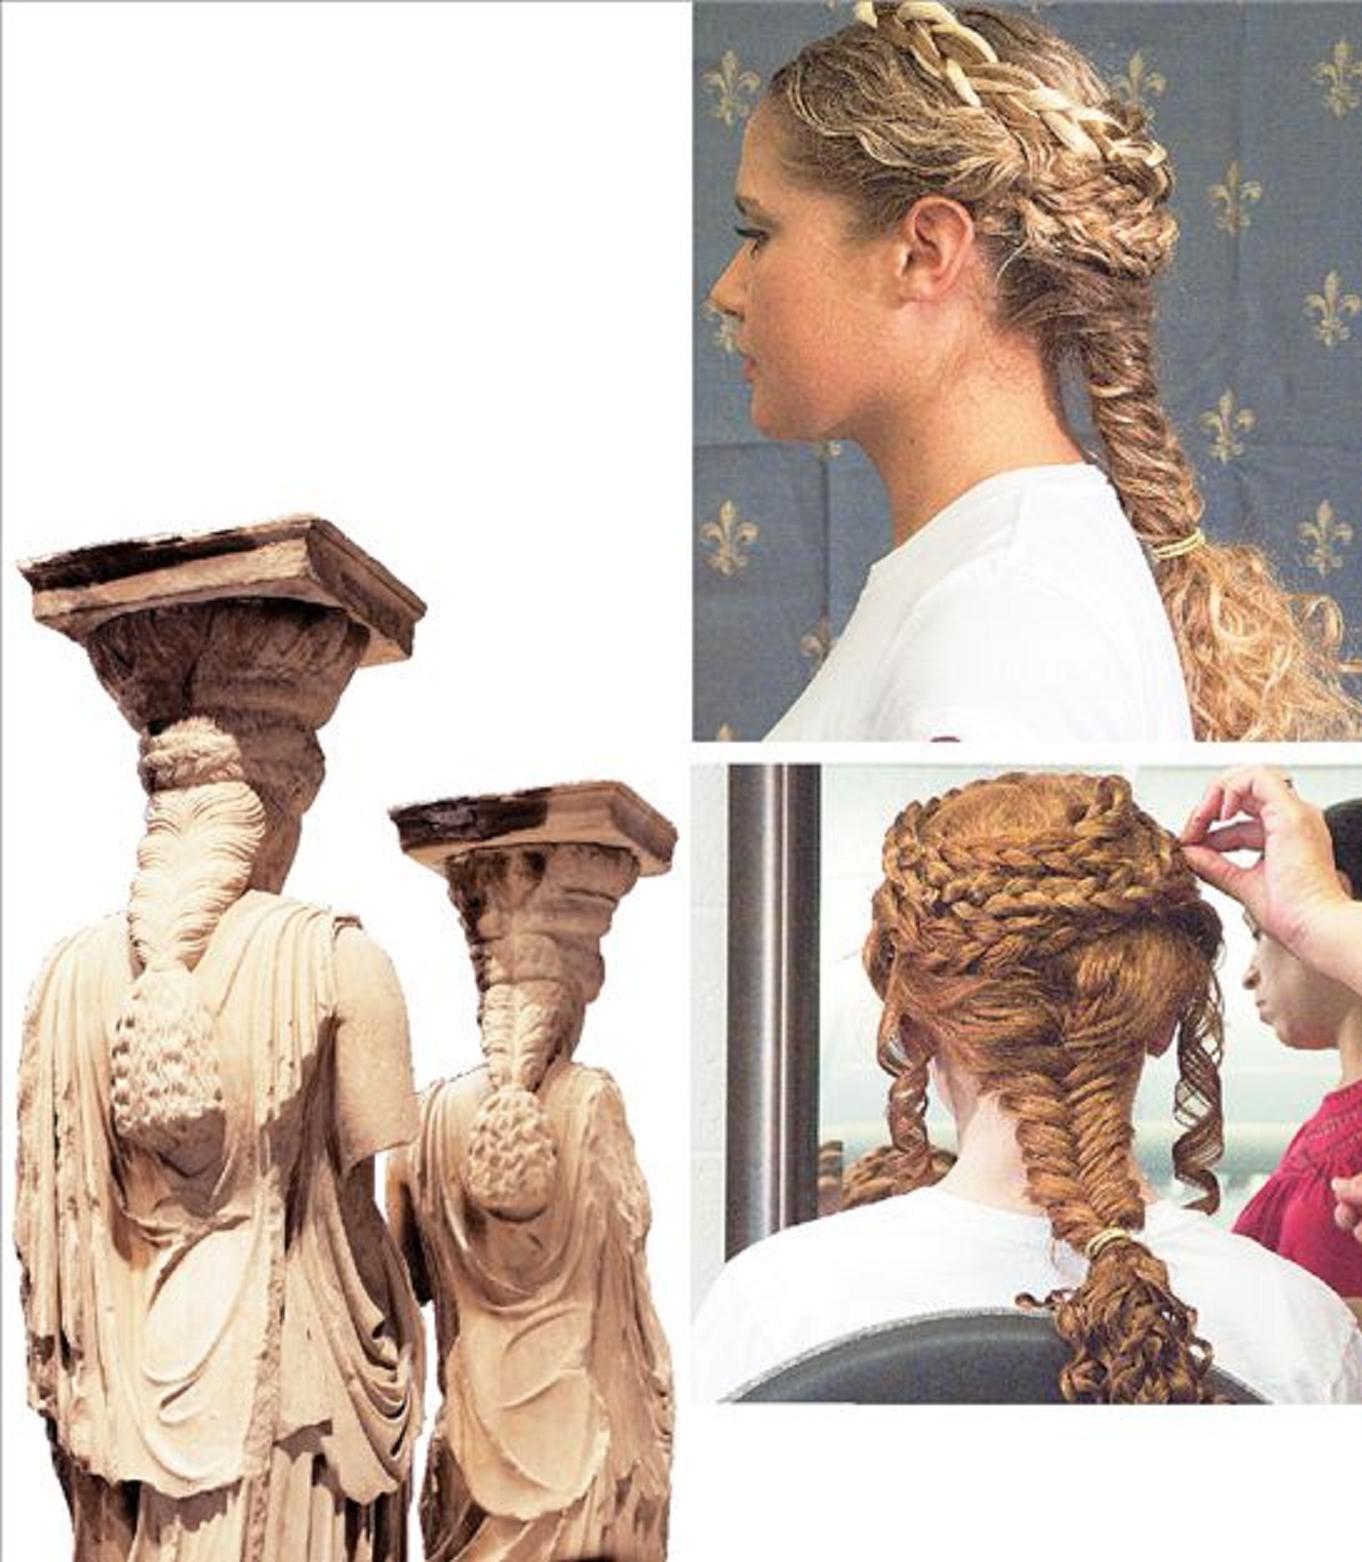 Επάνω, οι βόστρυχοι των μαλλιών συστρέφονται με χάρη και οι πλεξίδες σχηματίζουν στεφάνια στο κεφάλι της νεαρής Αμερικανίδας που είναι χτενισμένη όπως οι αρχαίες ελληνίδες Καρυάτιδες. Αριστερά, οι μαρμάρινες Καρυάτιδες όπως εκτίθενται στο νέο Μουσείο της Ακρόπολης